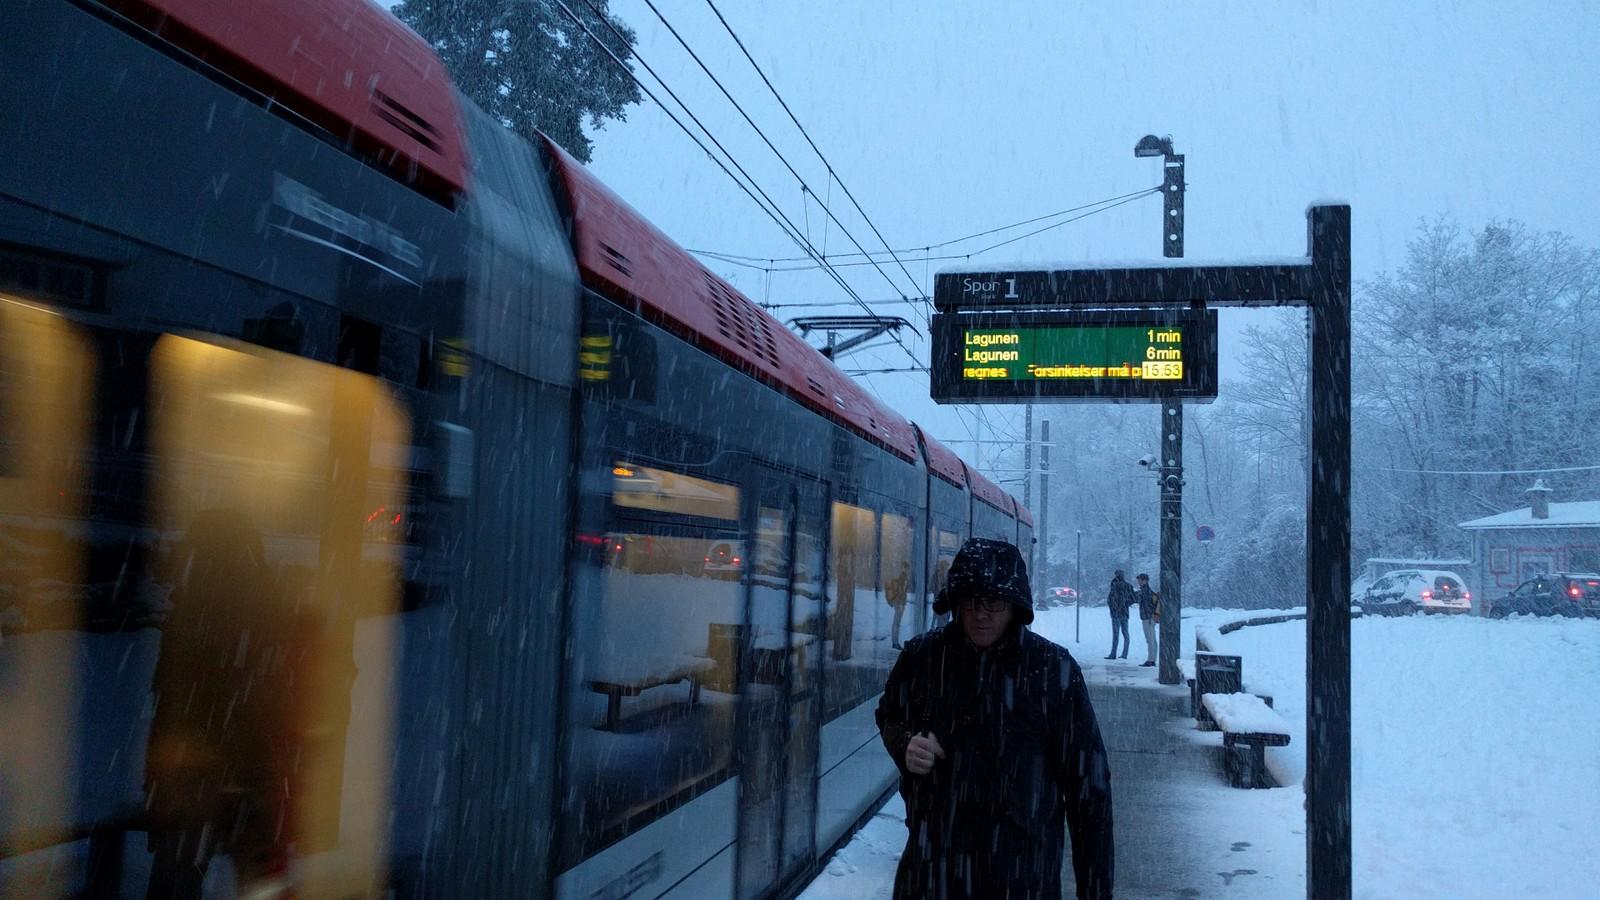 Skyss varsler at forsinkelser på Bybanen må påregnes i snøværet.